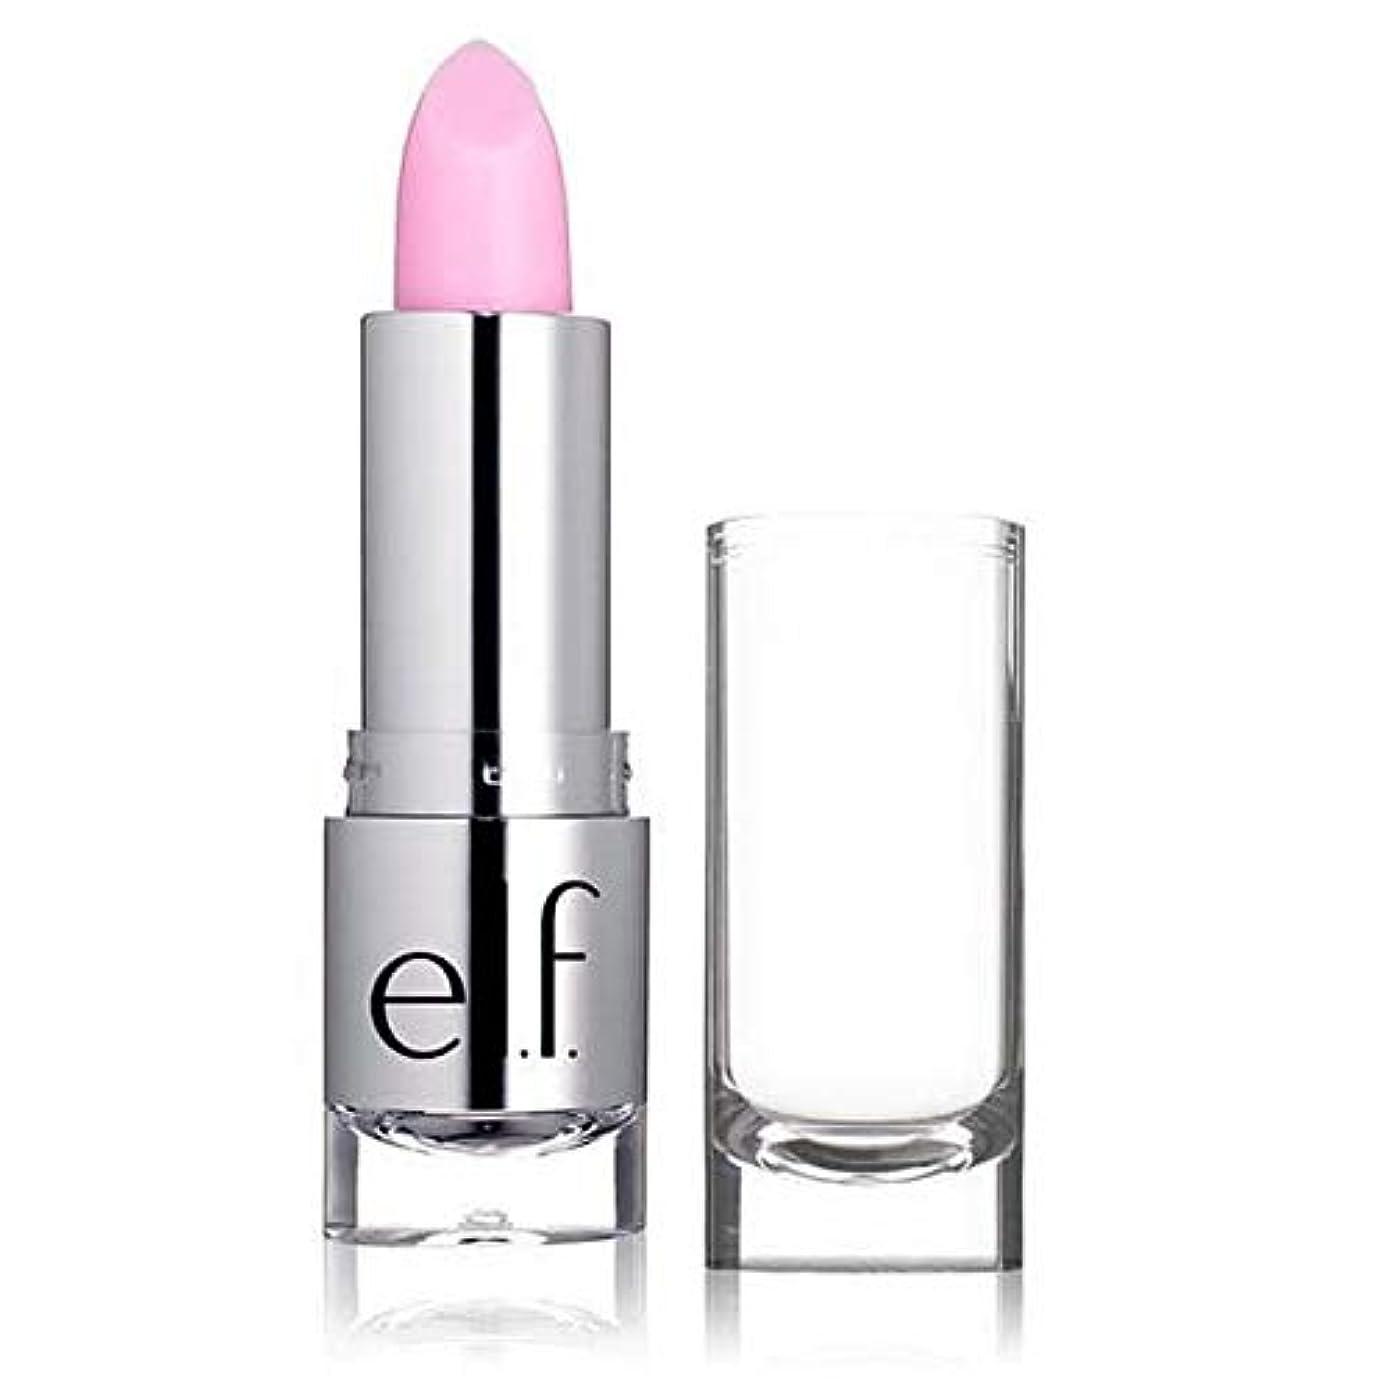 監督する過度に自伝[Elf ] エルフ。お奨めリップティント完璧なピンクグロー - e.l.f. Gotta Glow Lip Tint Perfect Pink [並行輸入品]